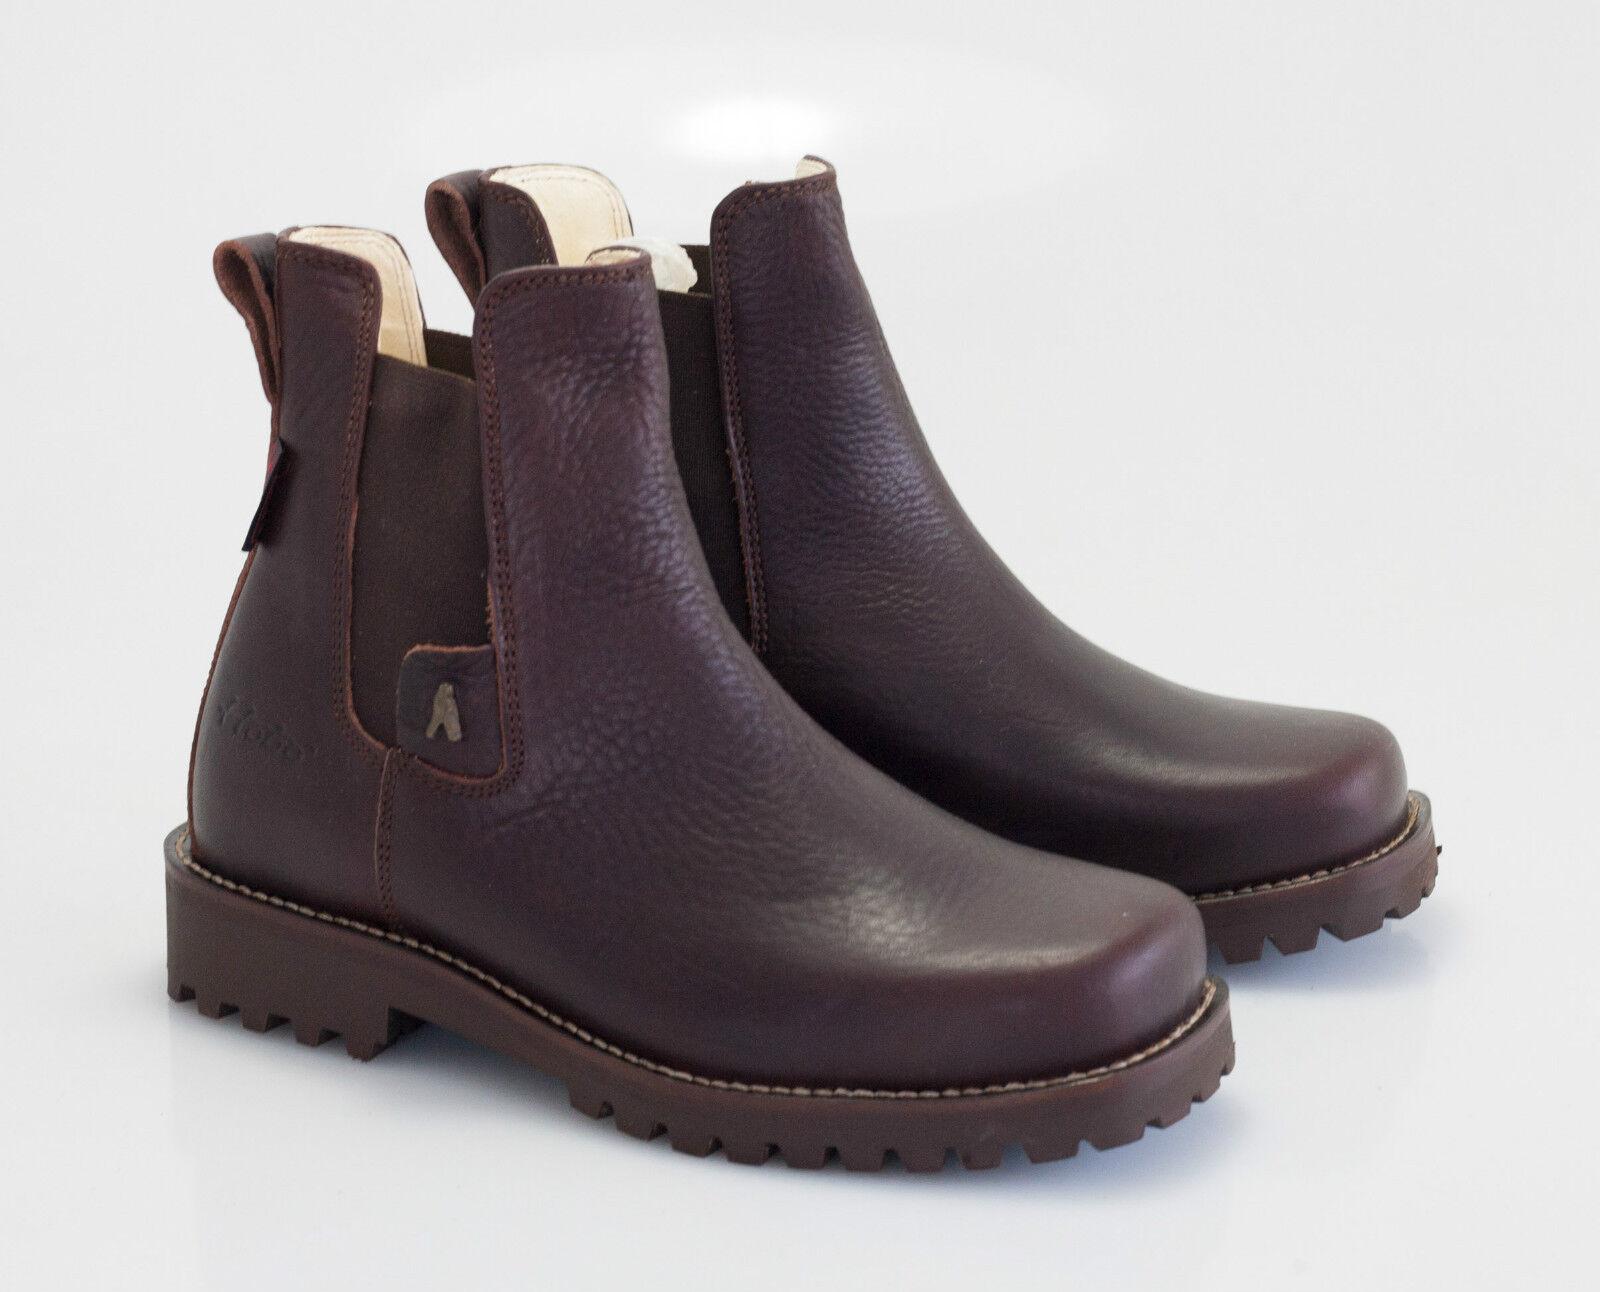 Hobo Schuhe Stiefelette braun 45 Fuego TR Herren 46 45 braun Reitstiefelette Stallschuhe 6d676c